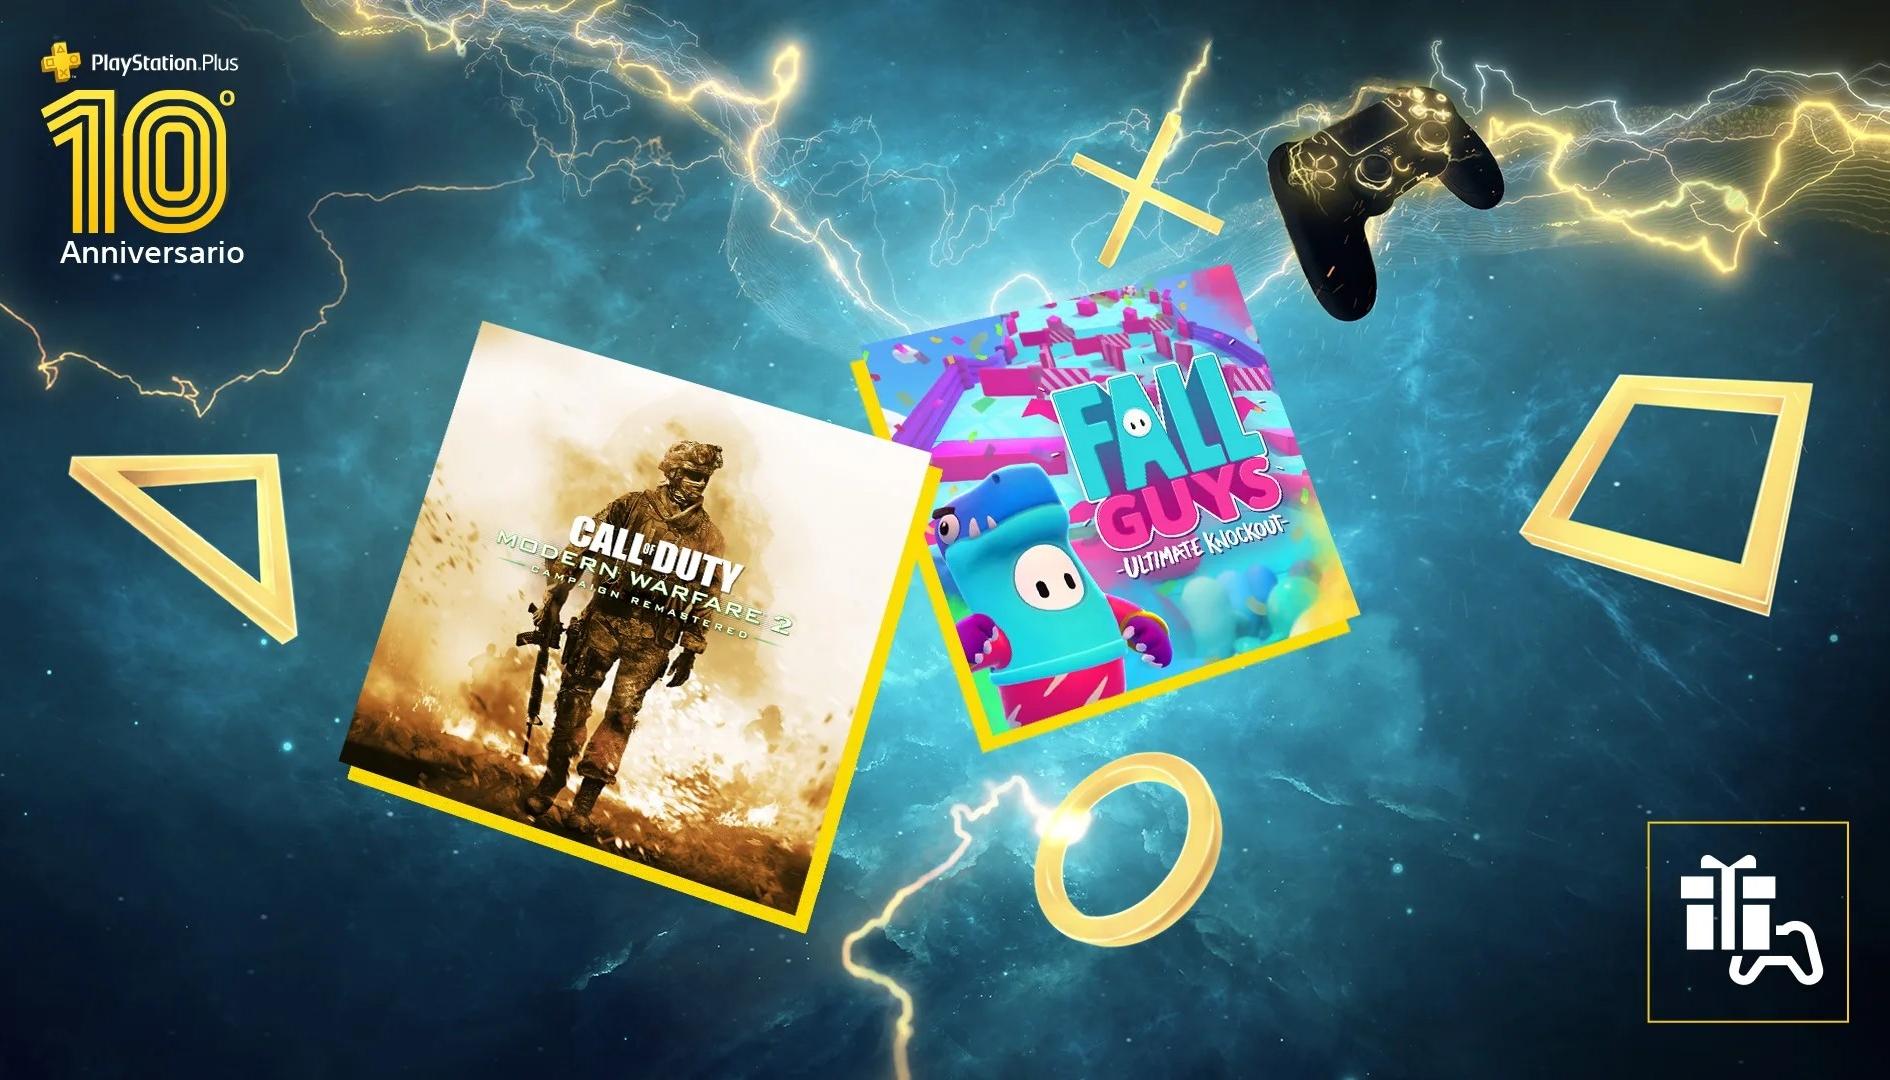 PS Plus Agosto 2020: annunciati i giochi gratis